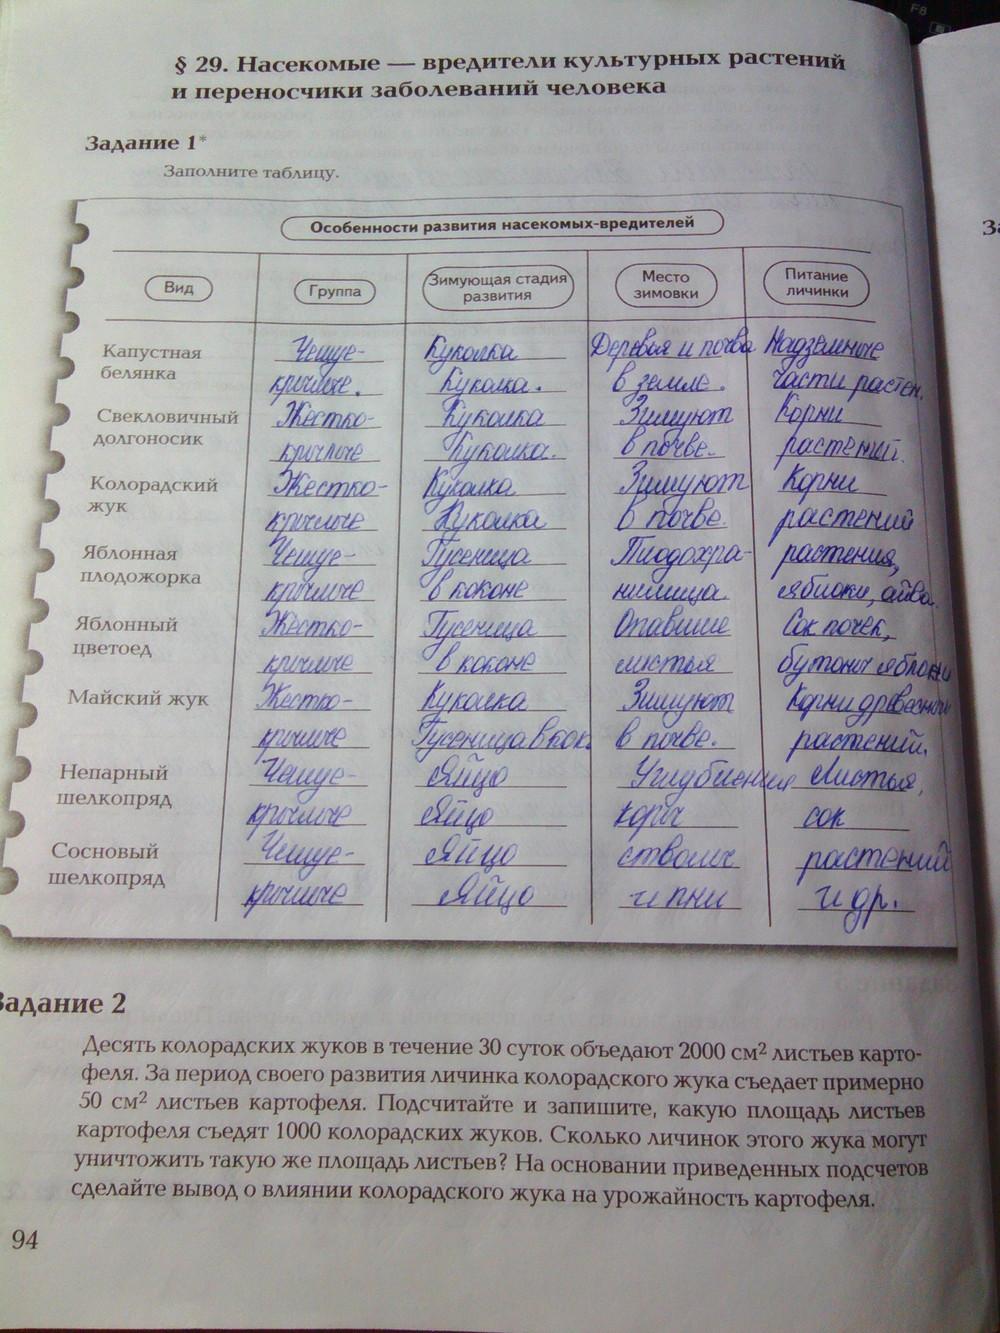 Решебник По Биологии 9 Класс Рабочая Тетрадь 34 Параграф